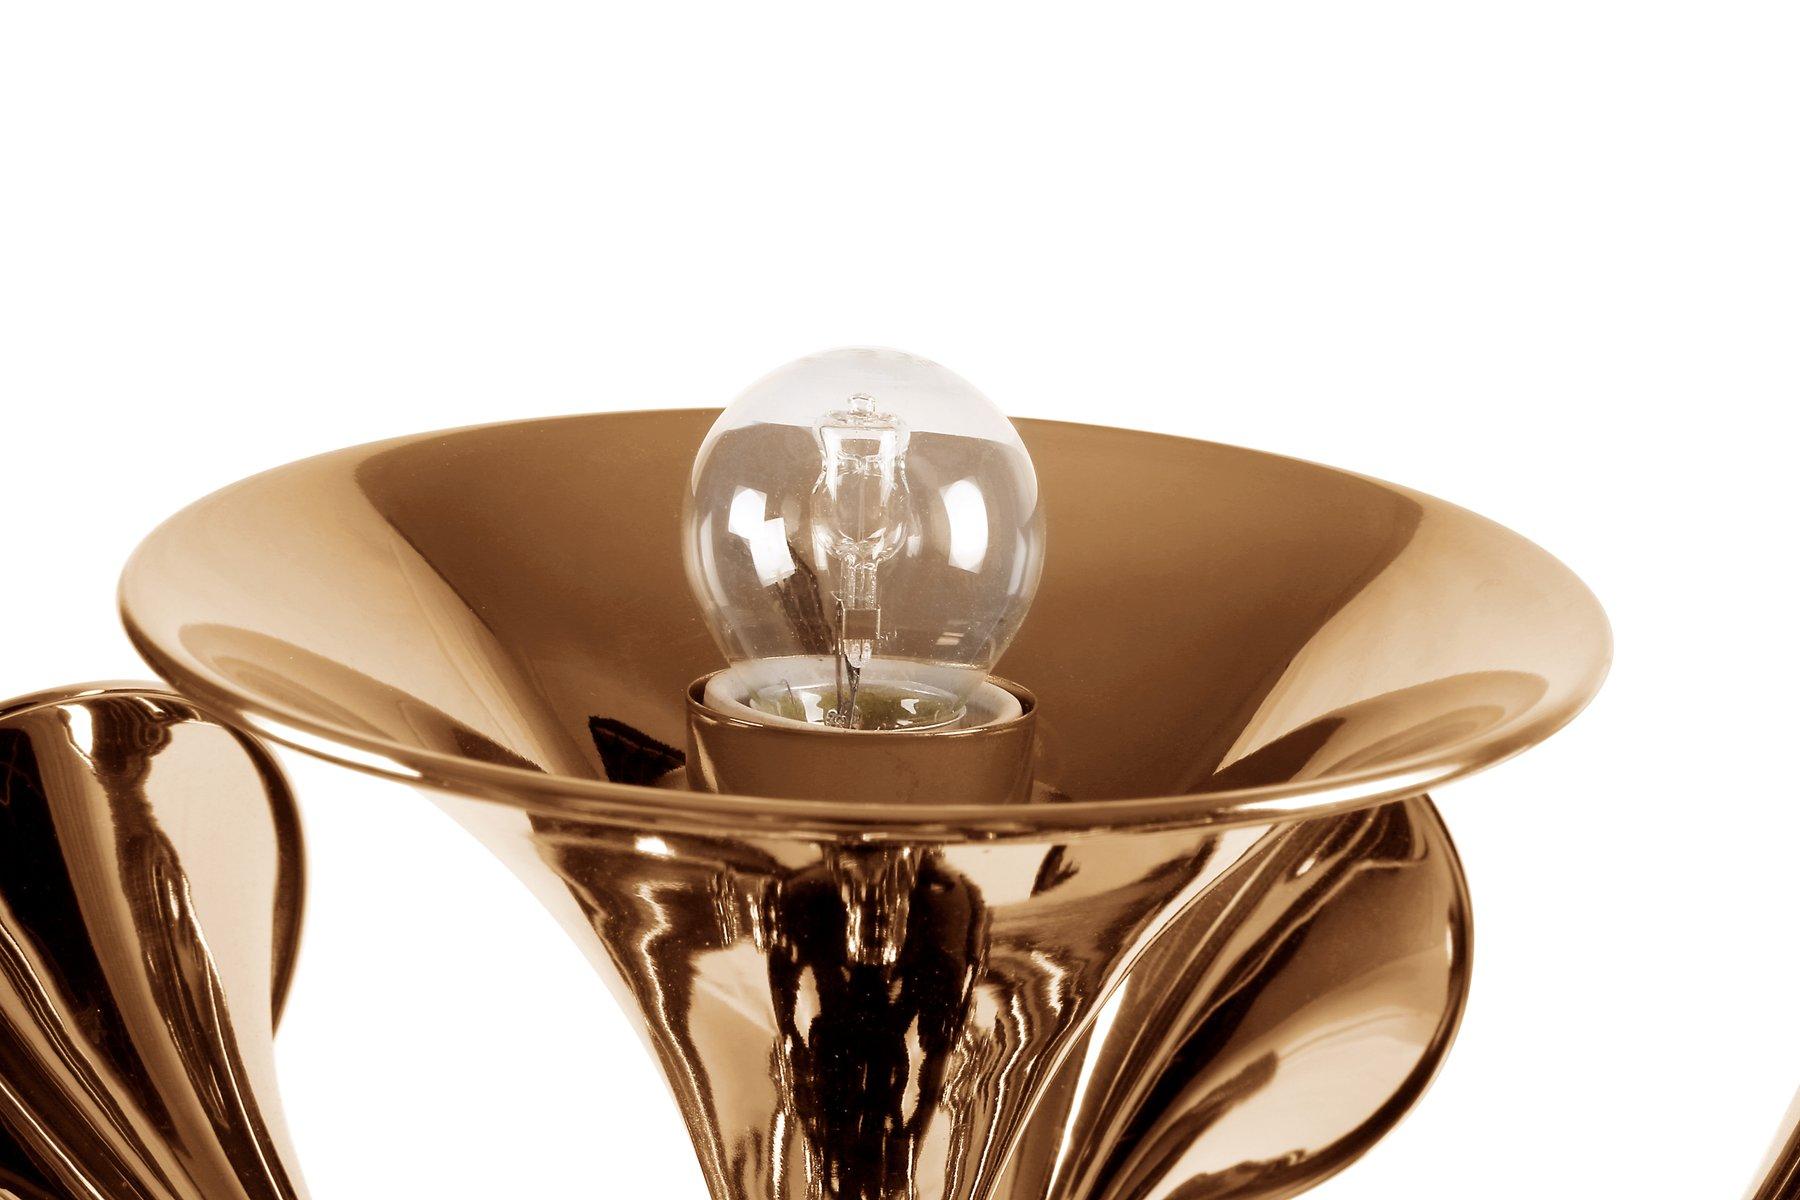 lampe de bureau botti de covet paris en vente sur pamono. Black Bedroom Furniture Sets. Home Design Ideas